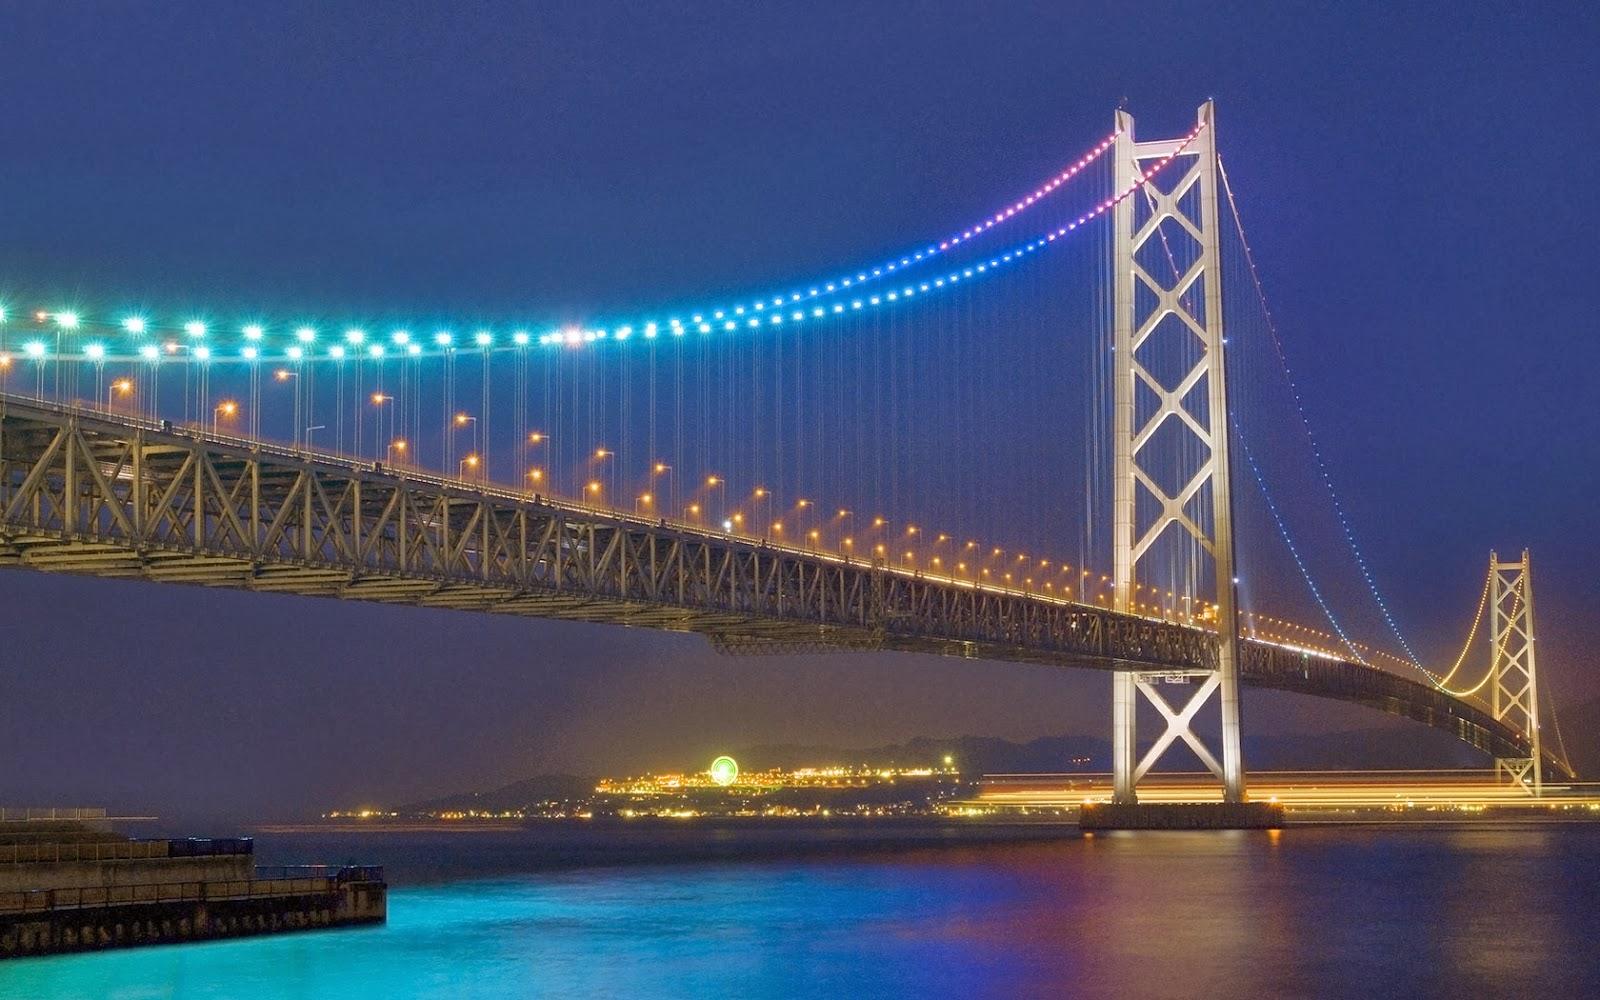 fotos de puentes en londres fotos bonitas de amor On imagenes de puentes